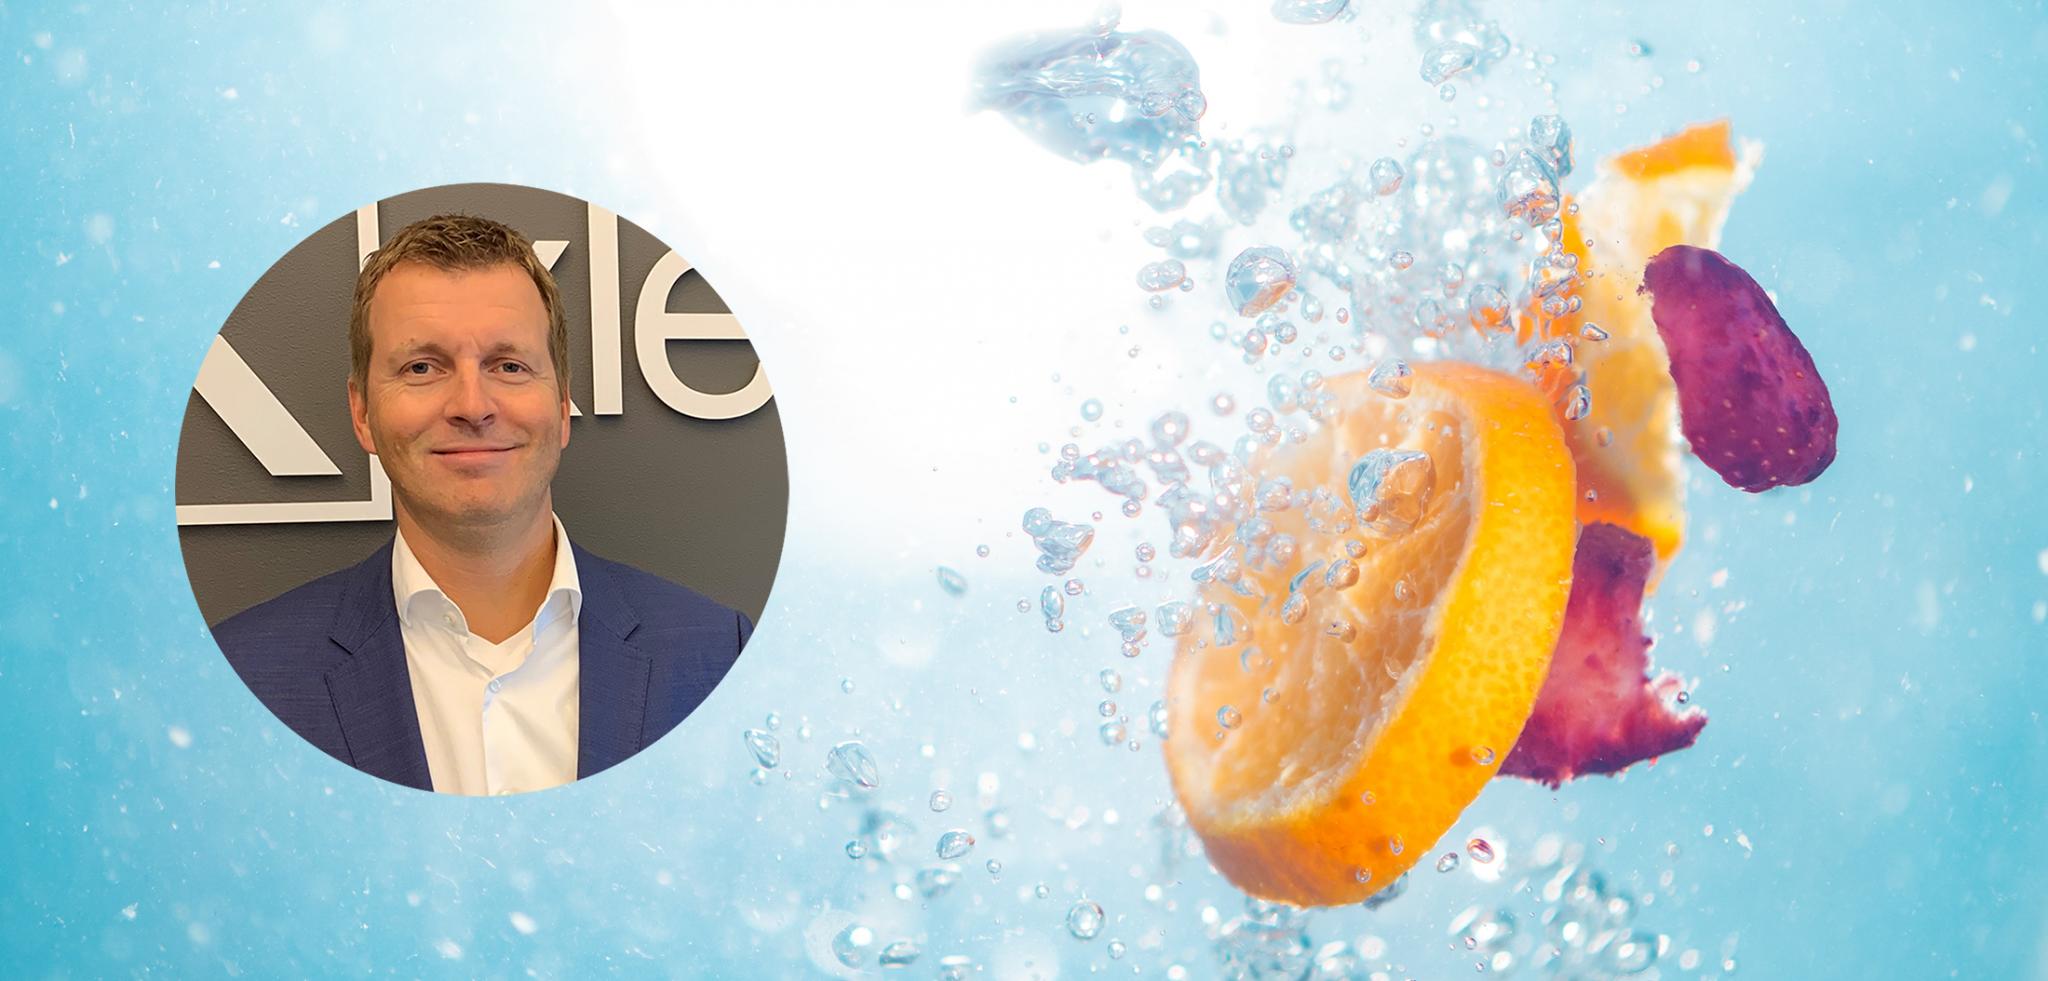 Appelsinskiver og kronblader som slippes i vann sammen med et profilbilde av Xledger ansatt Ove Jørgen Carlsen.